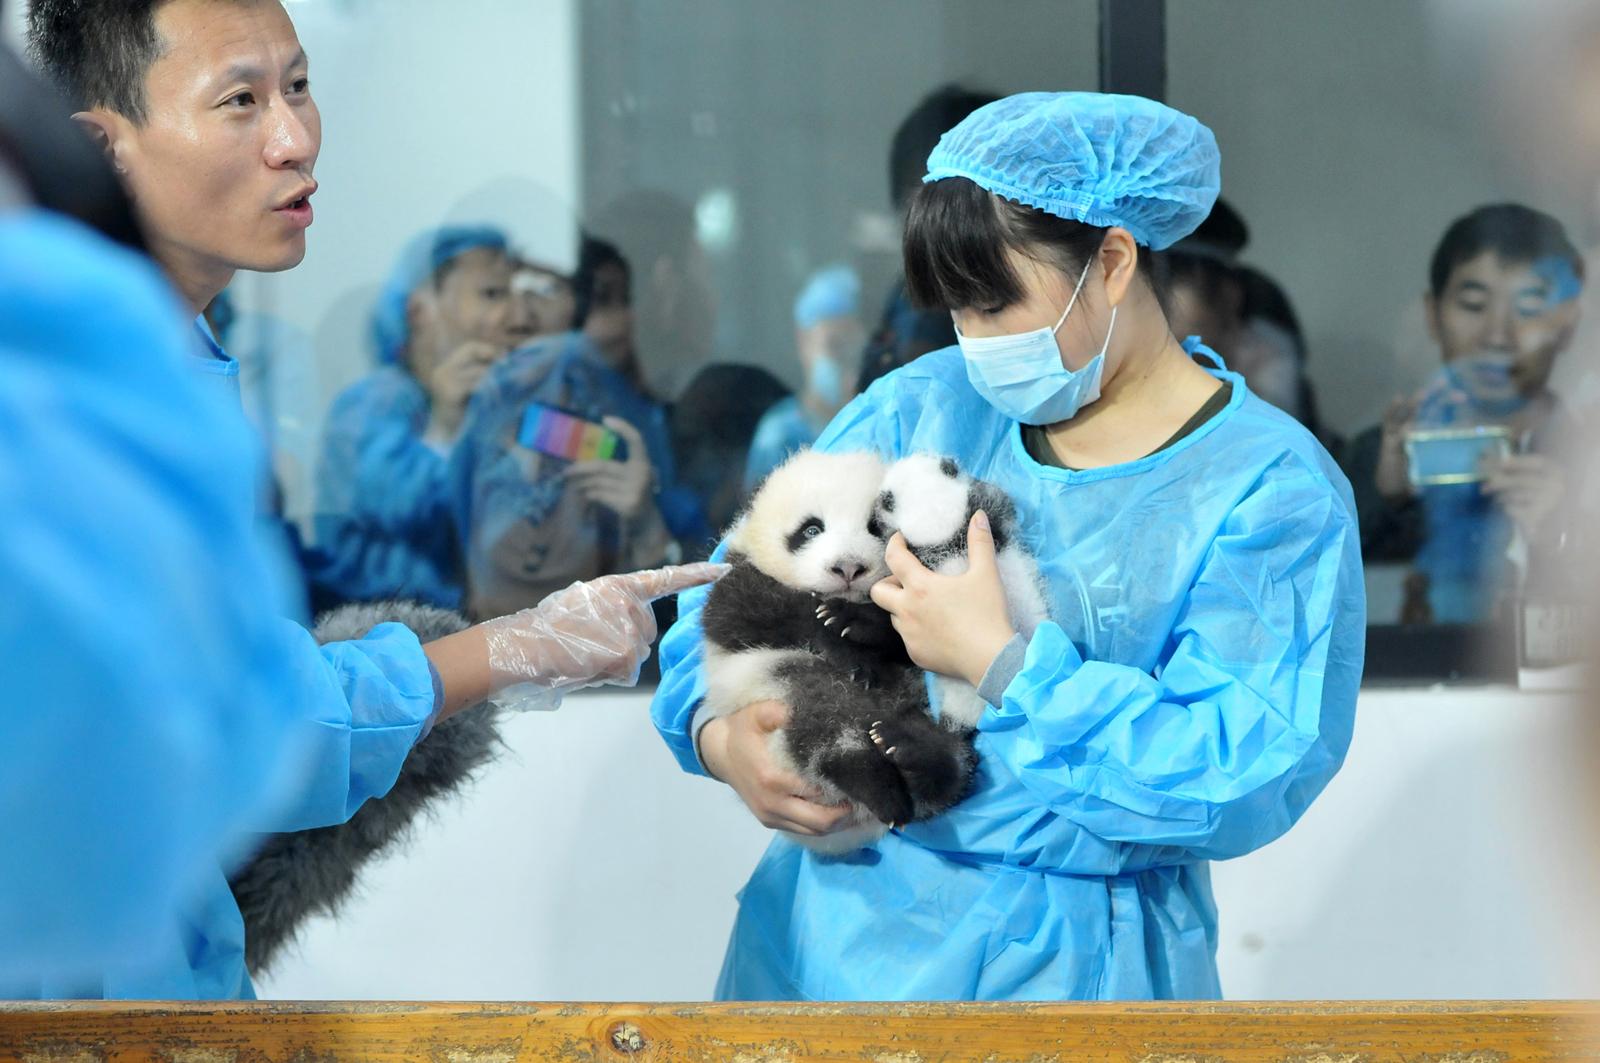 Cina, 17 panda neonati contro il rischio di estinzione (FOTO)